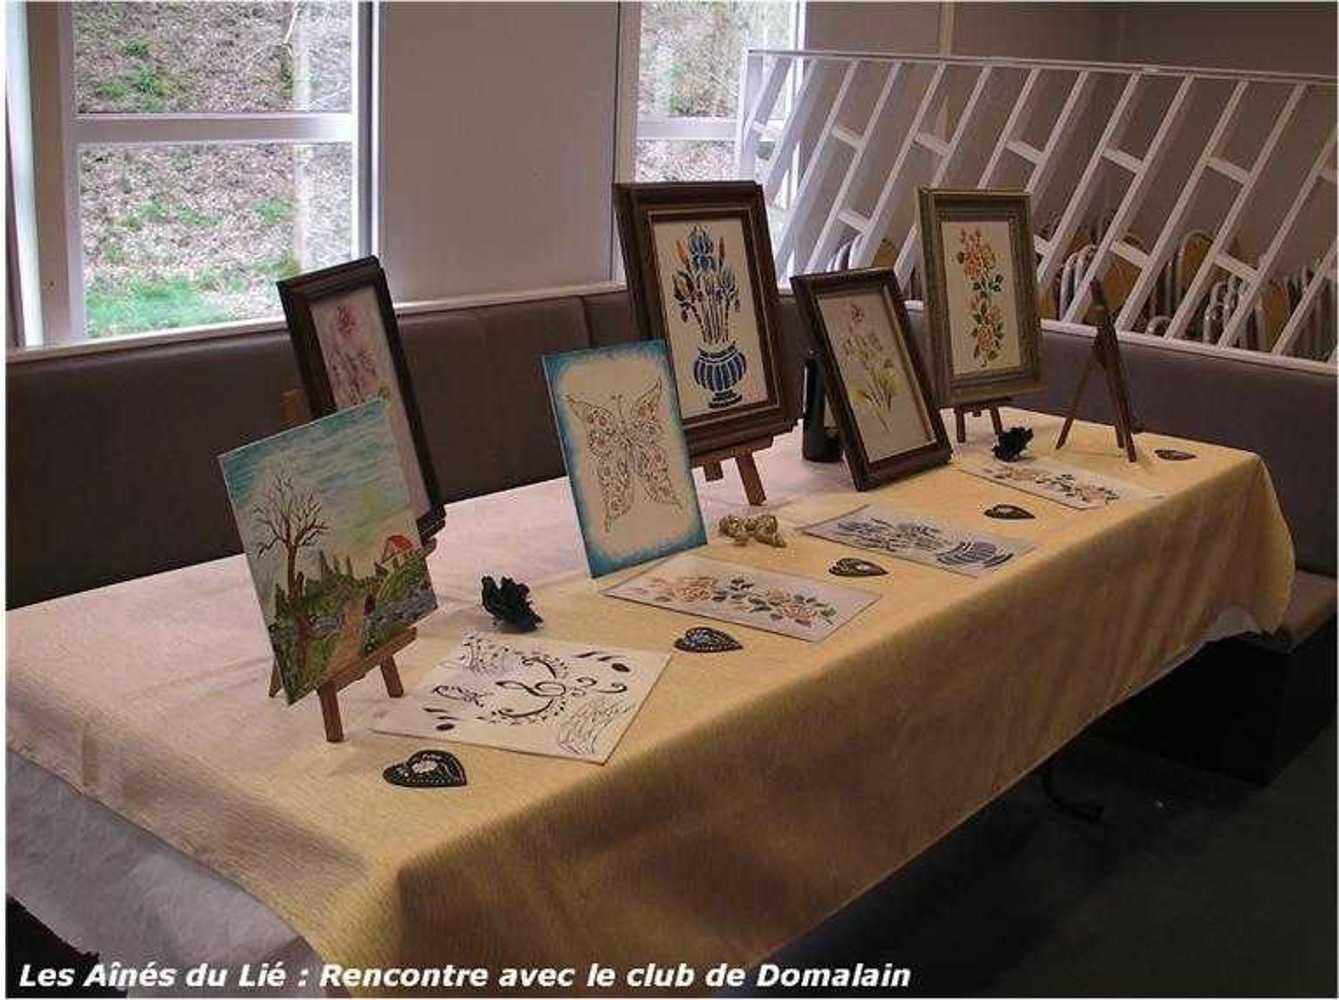 Les Aînés du Lié : photos de la rencontre avec le club de Domalain (35) image52